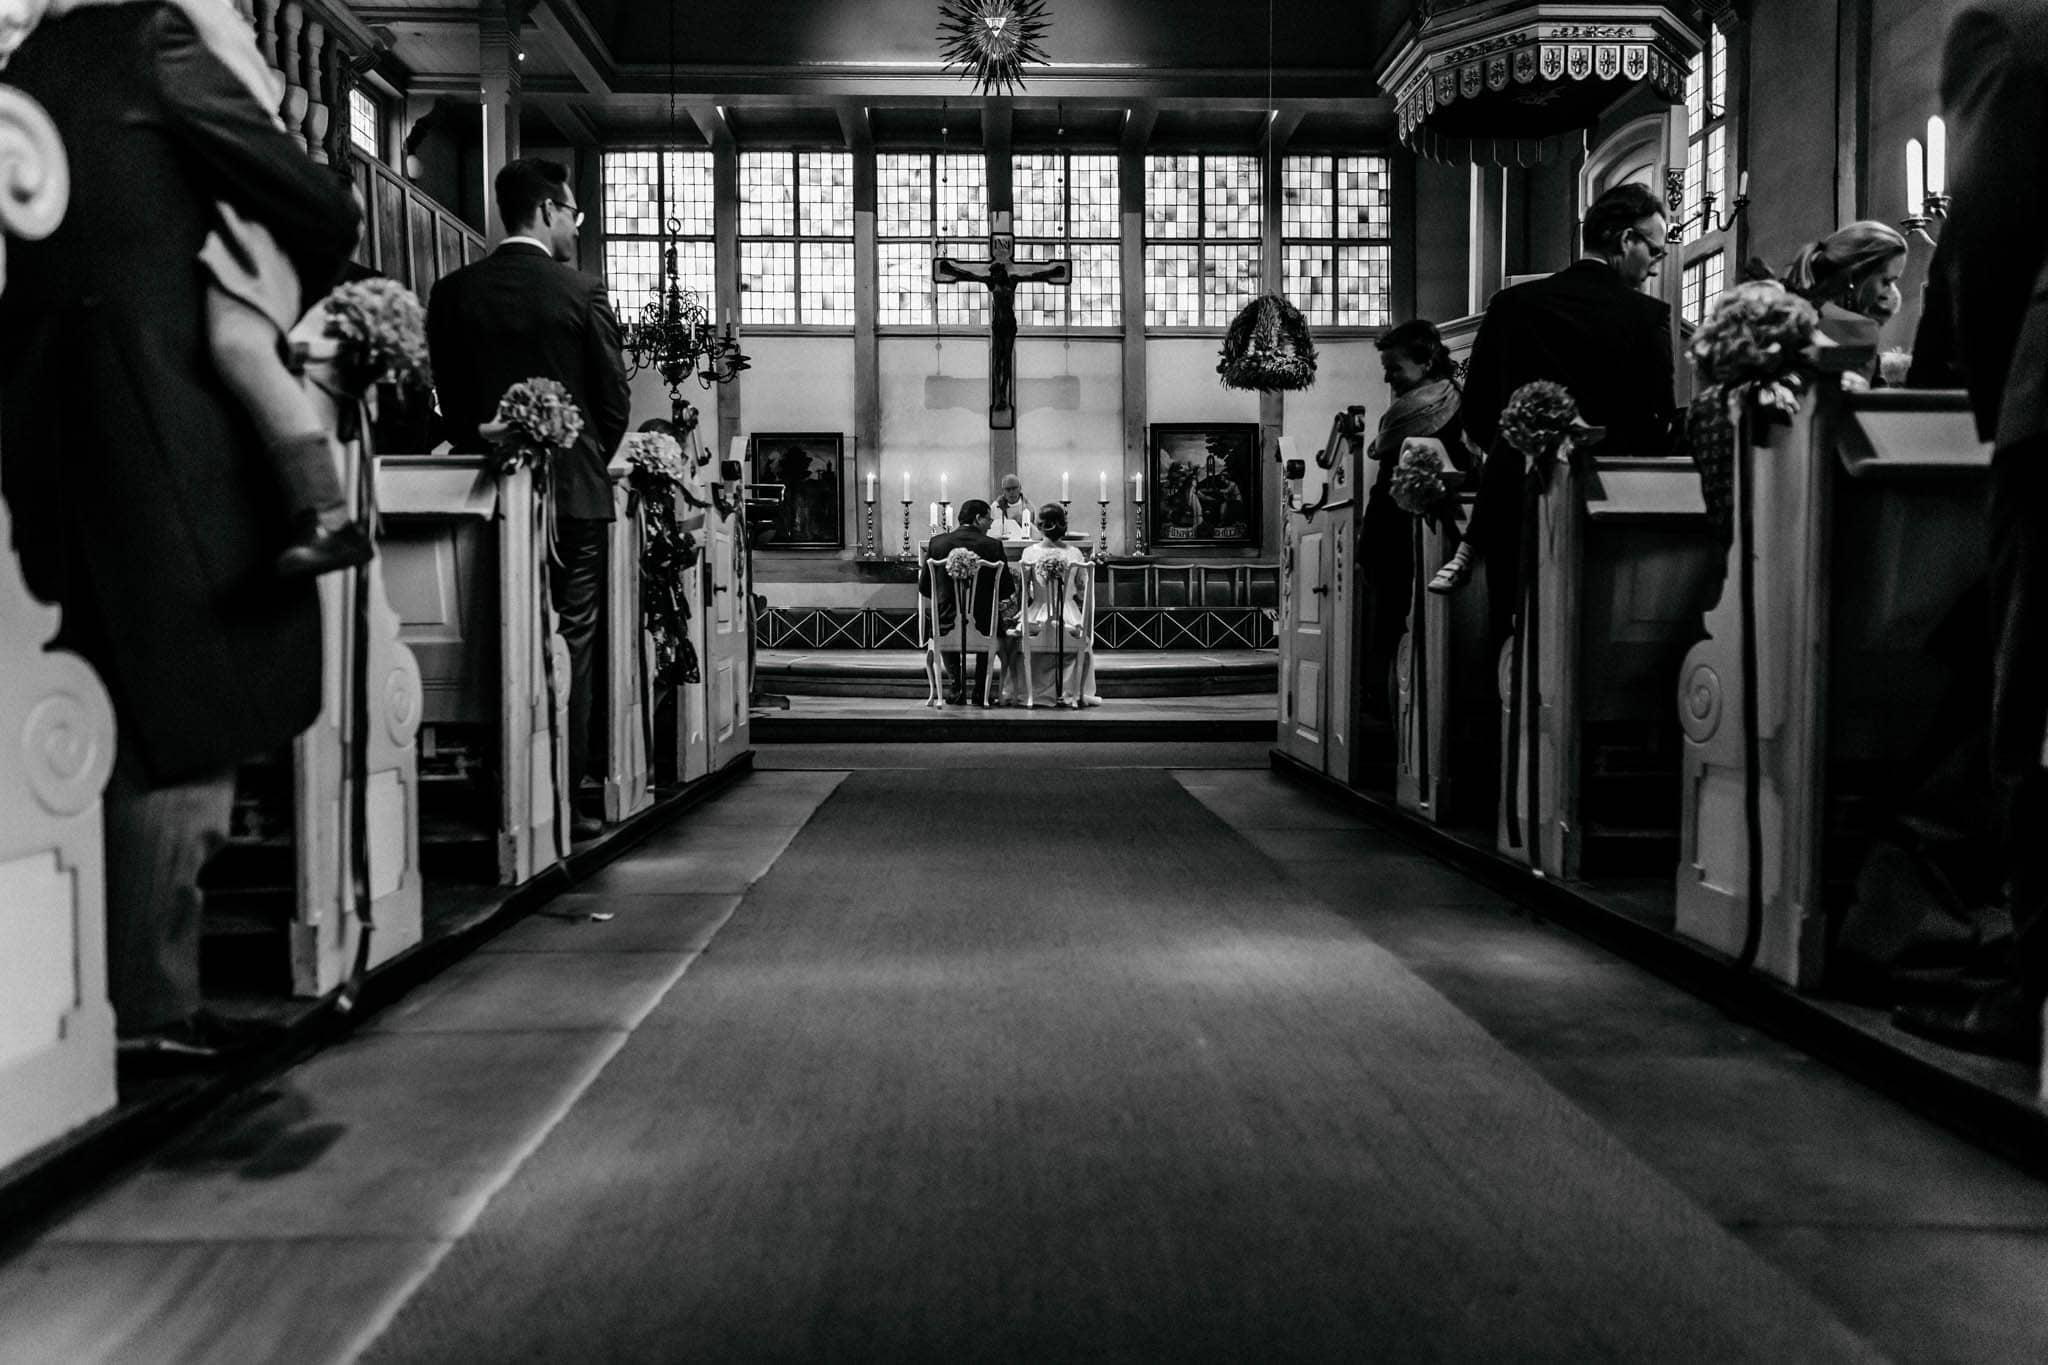 Hochzeitsfieber by Photo-Schomburg, Hochzeitsfotograf, Hamburg,Hochzeitstag, Hochzeitspaar, Braut, Bräutigam, Literaturhauscafe Hamburg-33